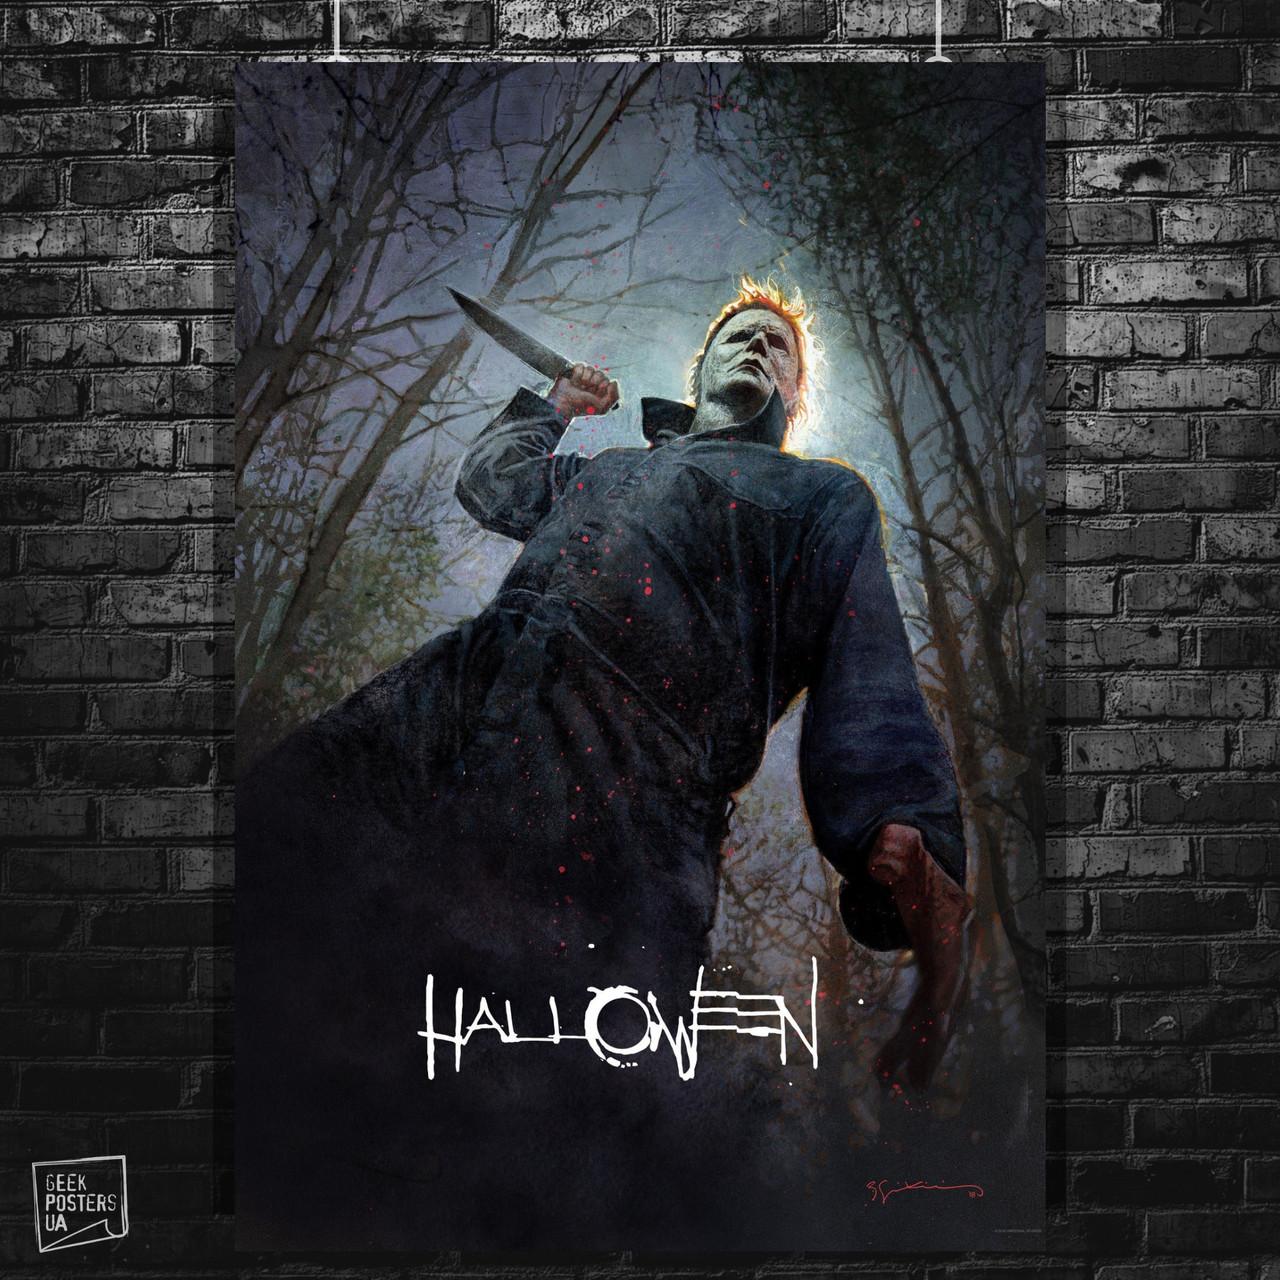 Постер Хэллоуин / Halloween (2018). Размер 60x42см (A2). Глянцевая бумага